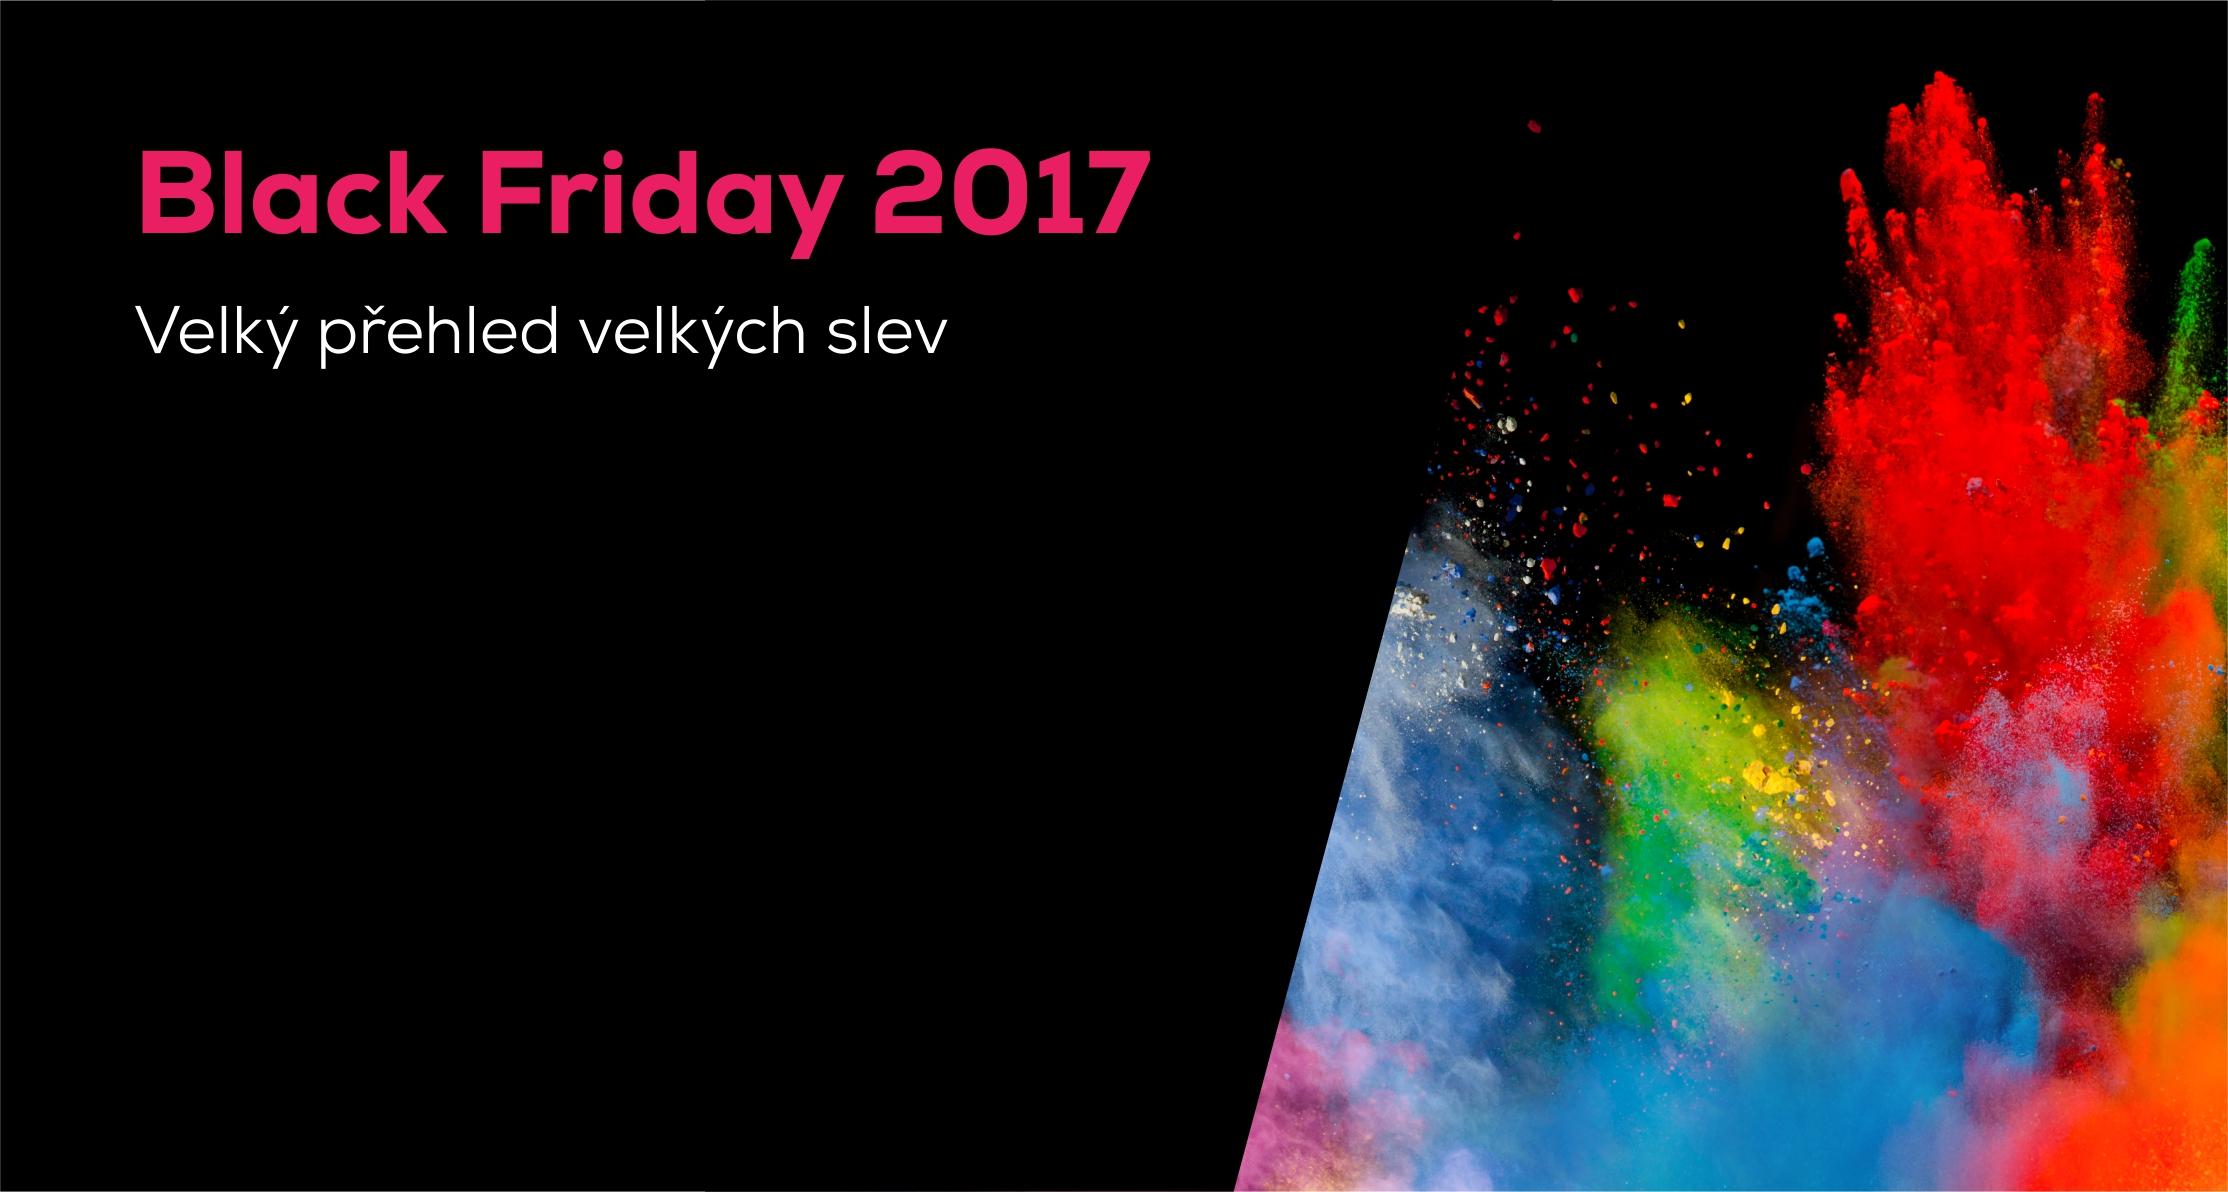 afa7e93e4cf6 Black Friday 2017  Velký přehled 85 obchodů a slev (PRŮBĚŽNĚ AKTUALIZUJEME)